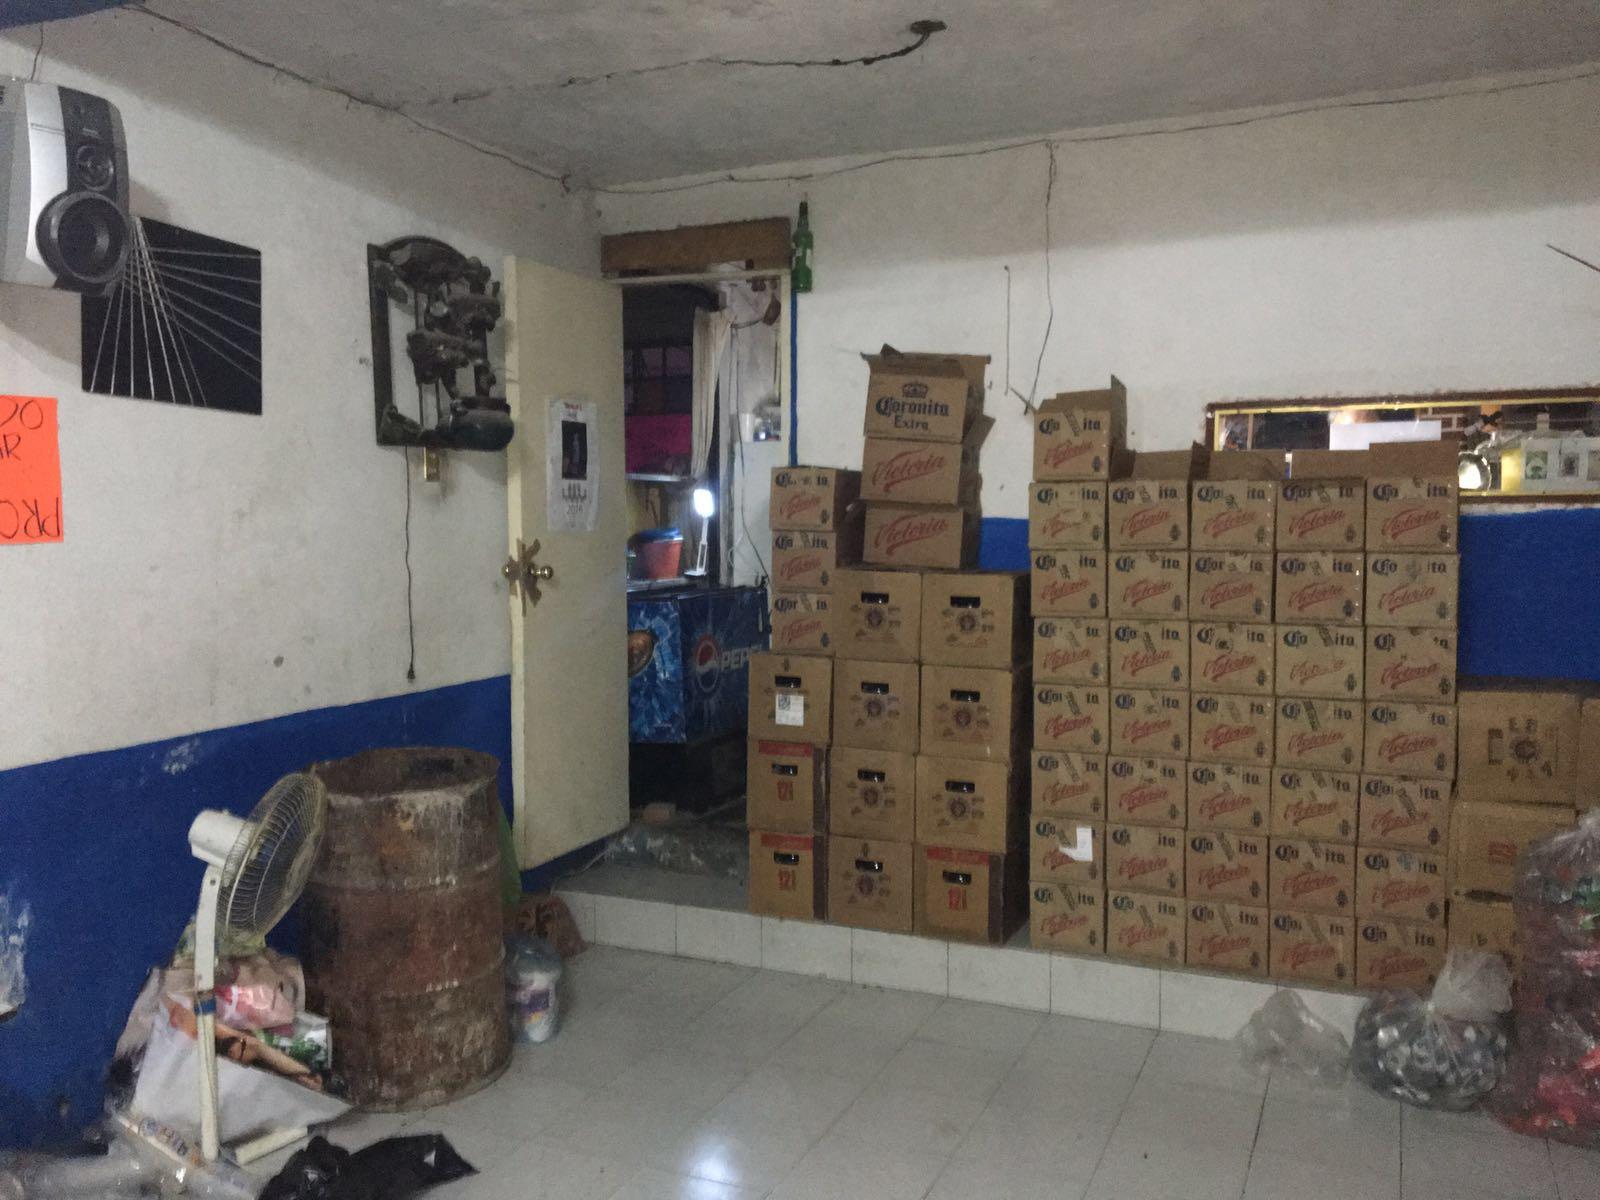 Prostituían a menores en bar clandestino de Puebla capital